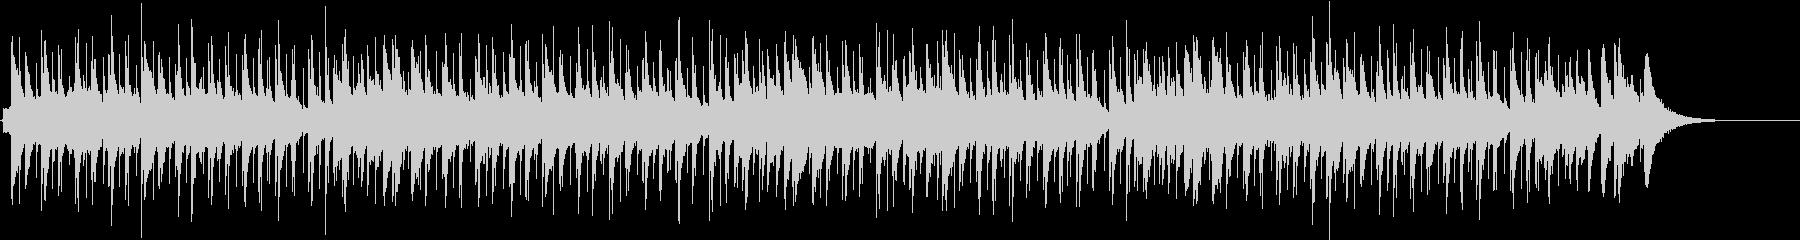 主張の少ないシンプルなブルースの未再生の波形